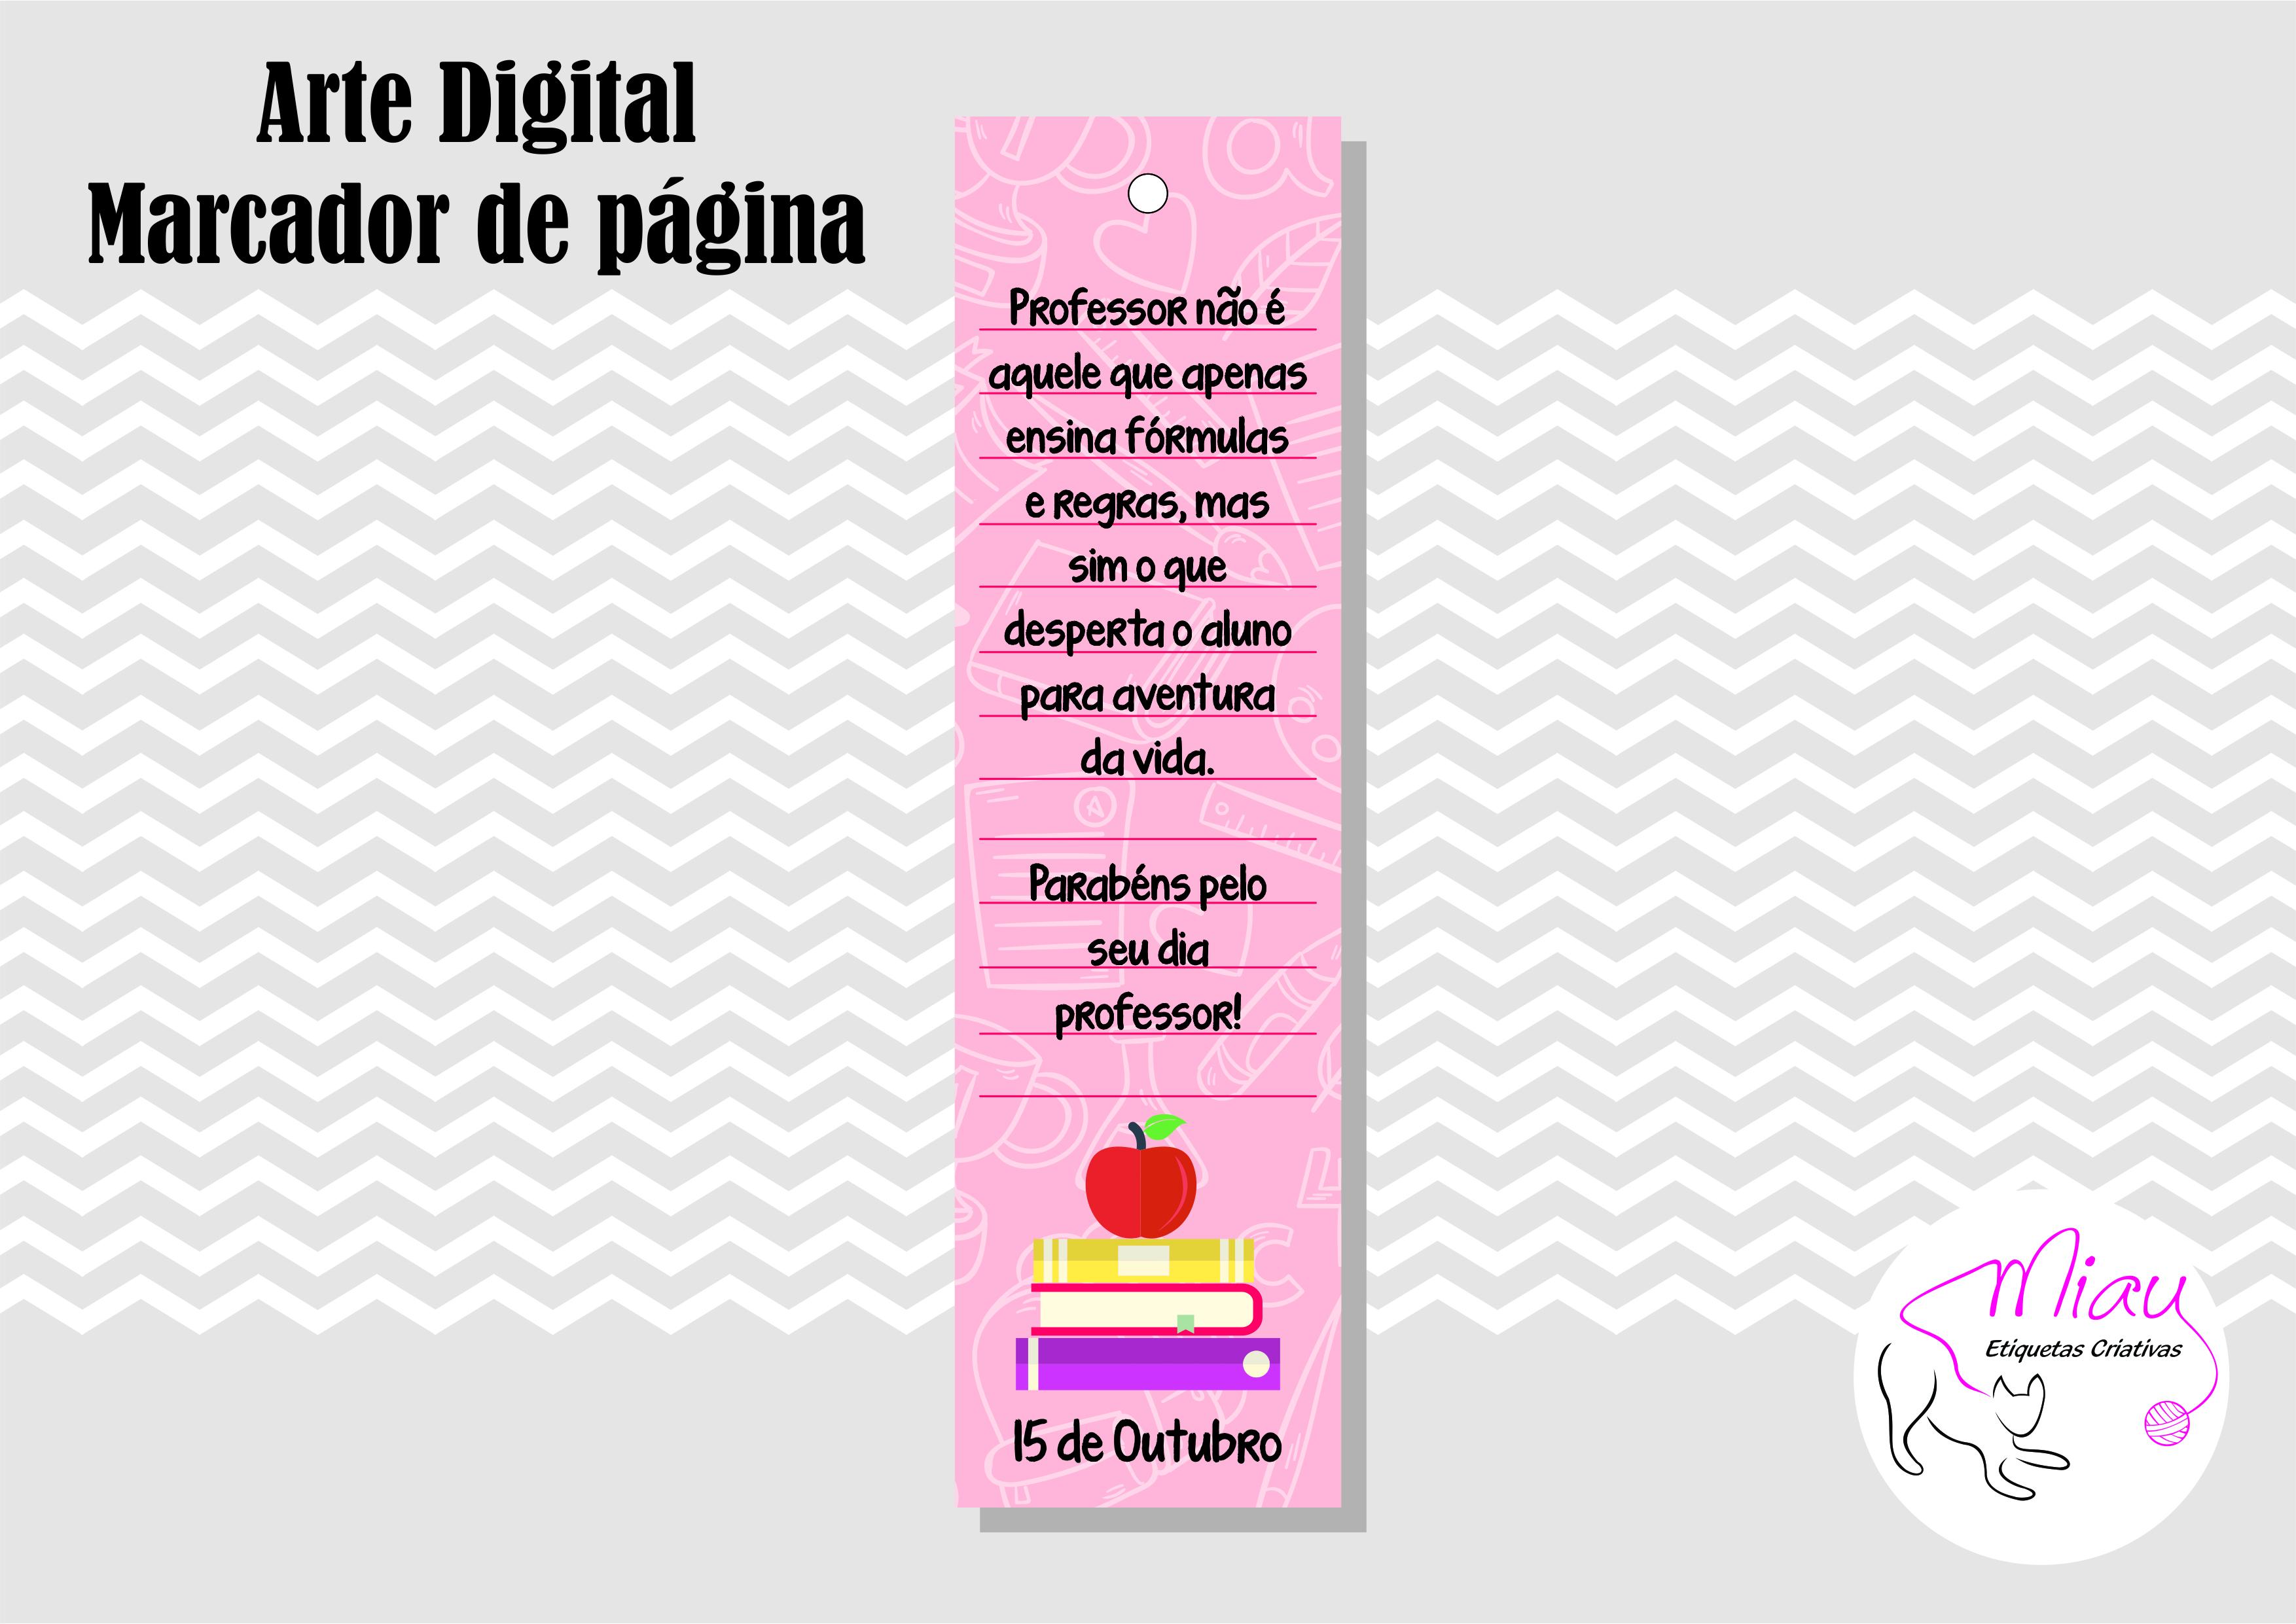 Marcadores De Pagina Professor 5 Arte Digital No Elo7 Miau